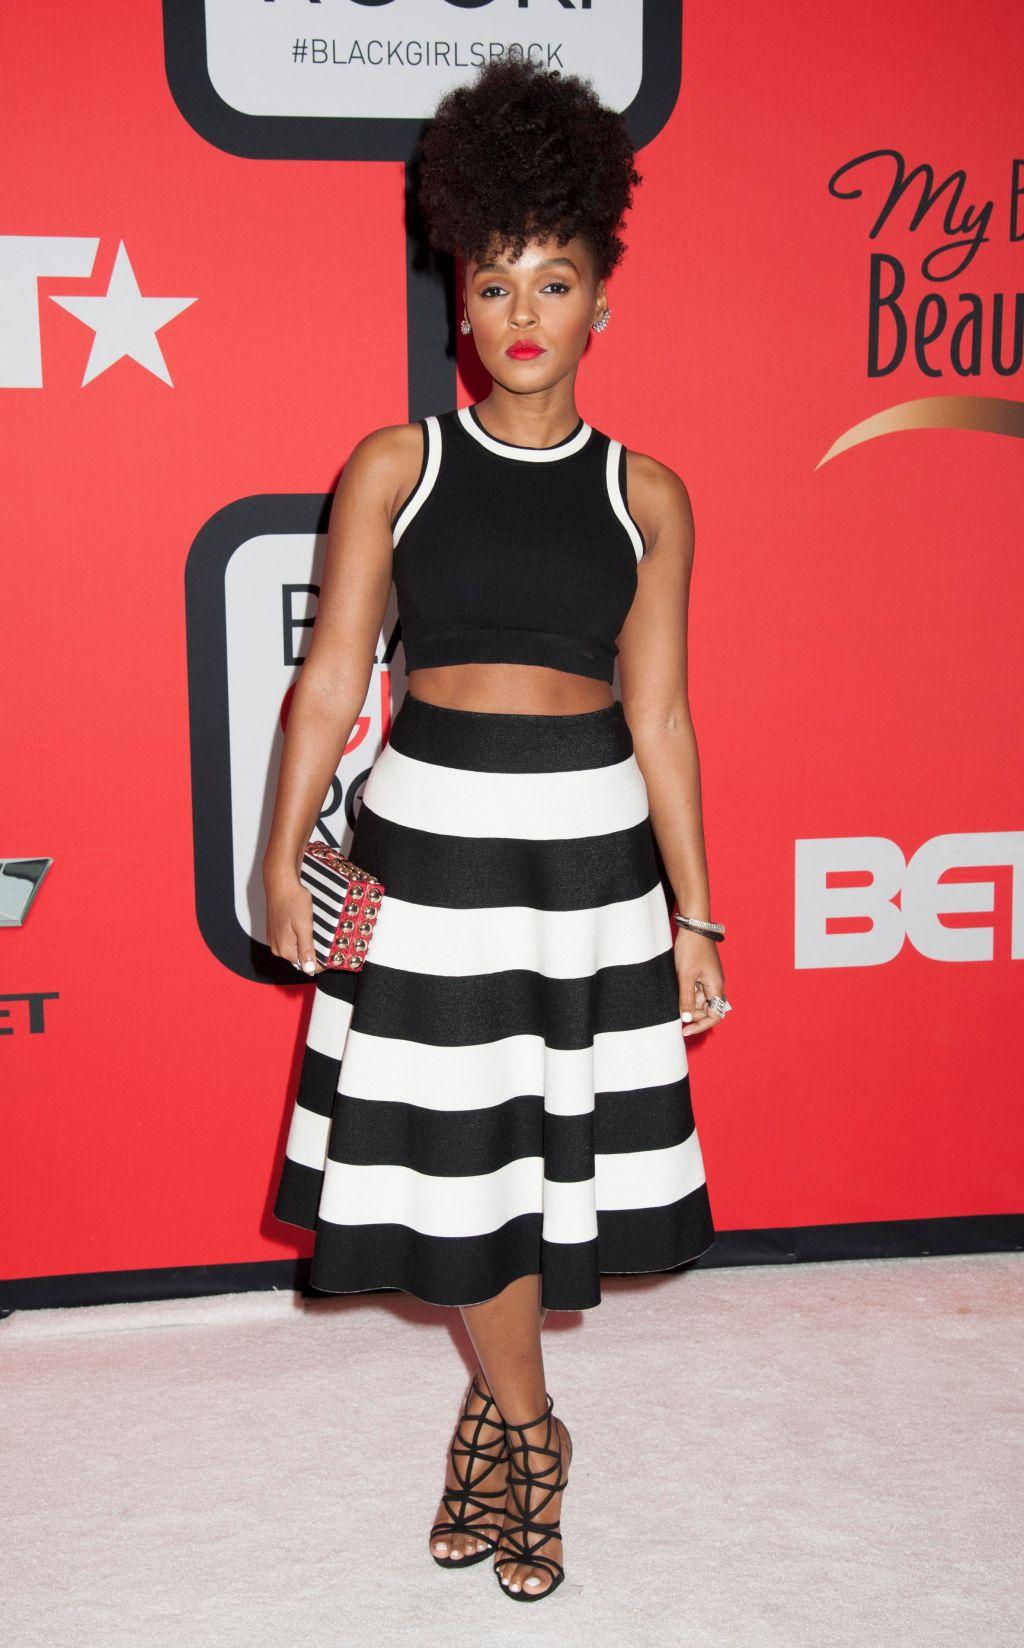 Janelle Monae -Red carpet at BET's Black Girls Rock 2015 in Newark, NJ